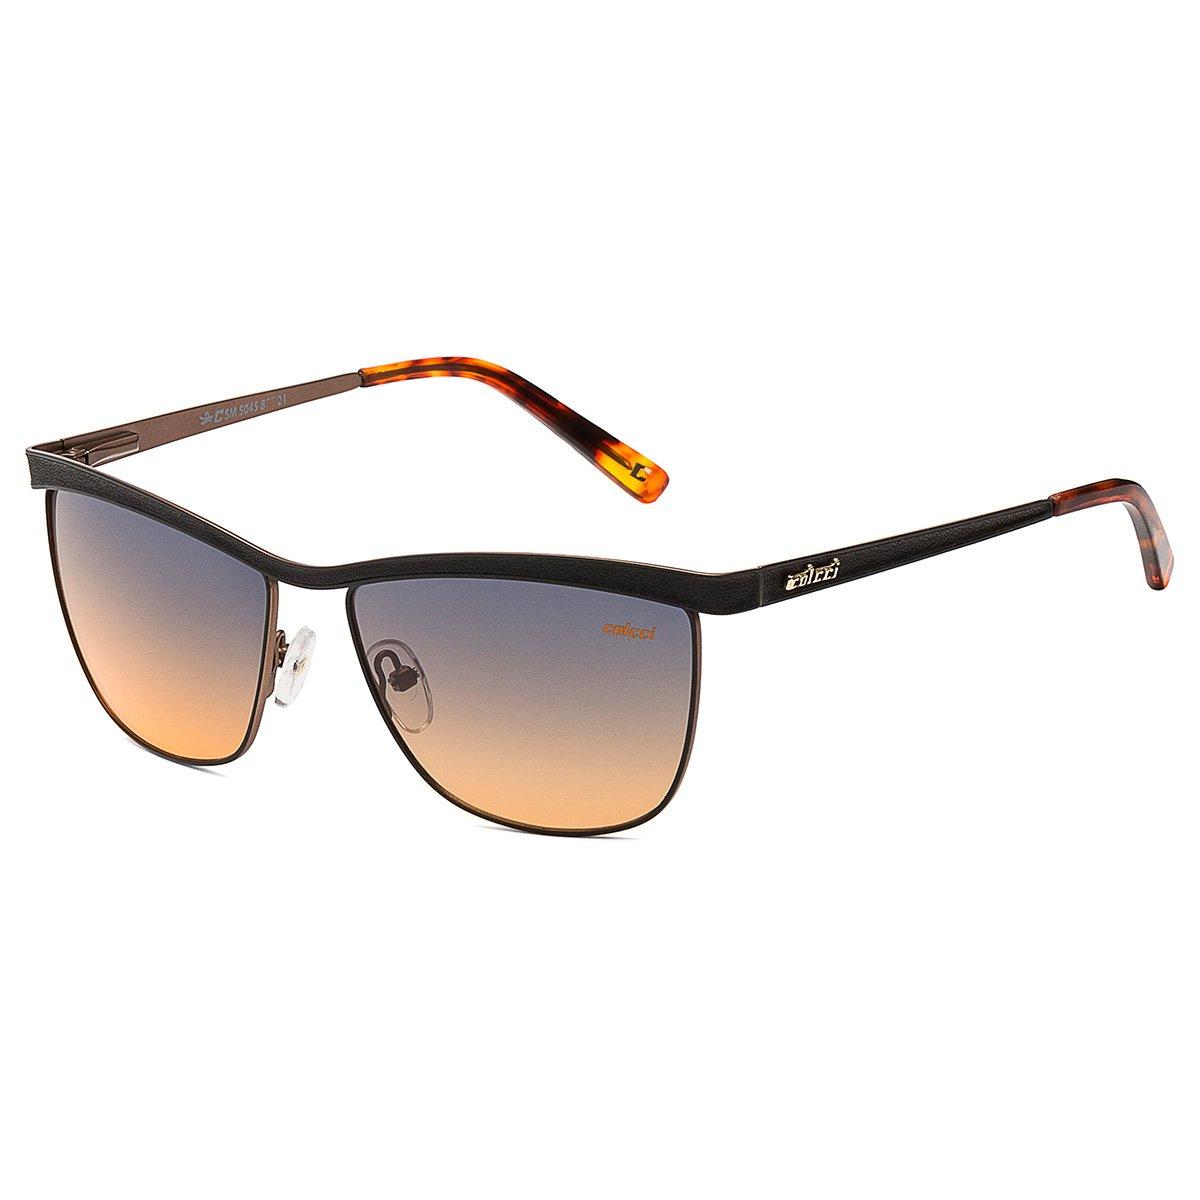 2469dec39 Óculos de Sol Colcci Degradê 5045 Feminino | Livelo -Sua Vida com ...